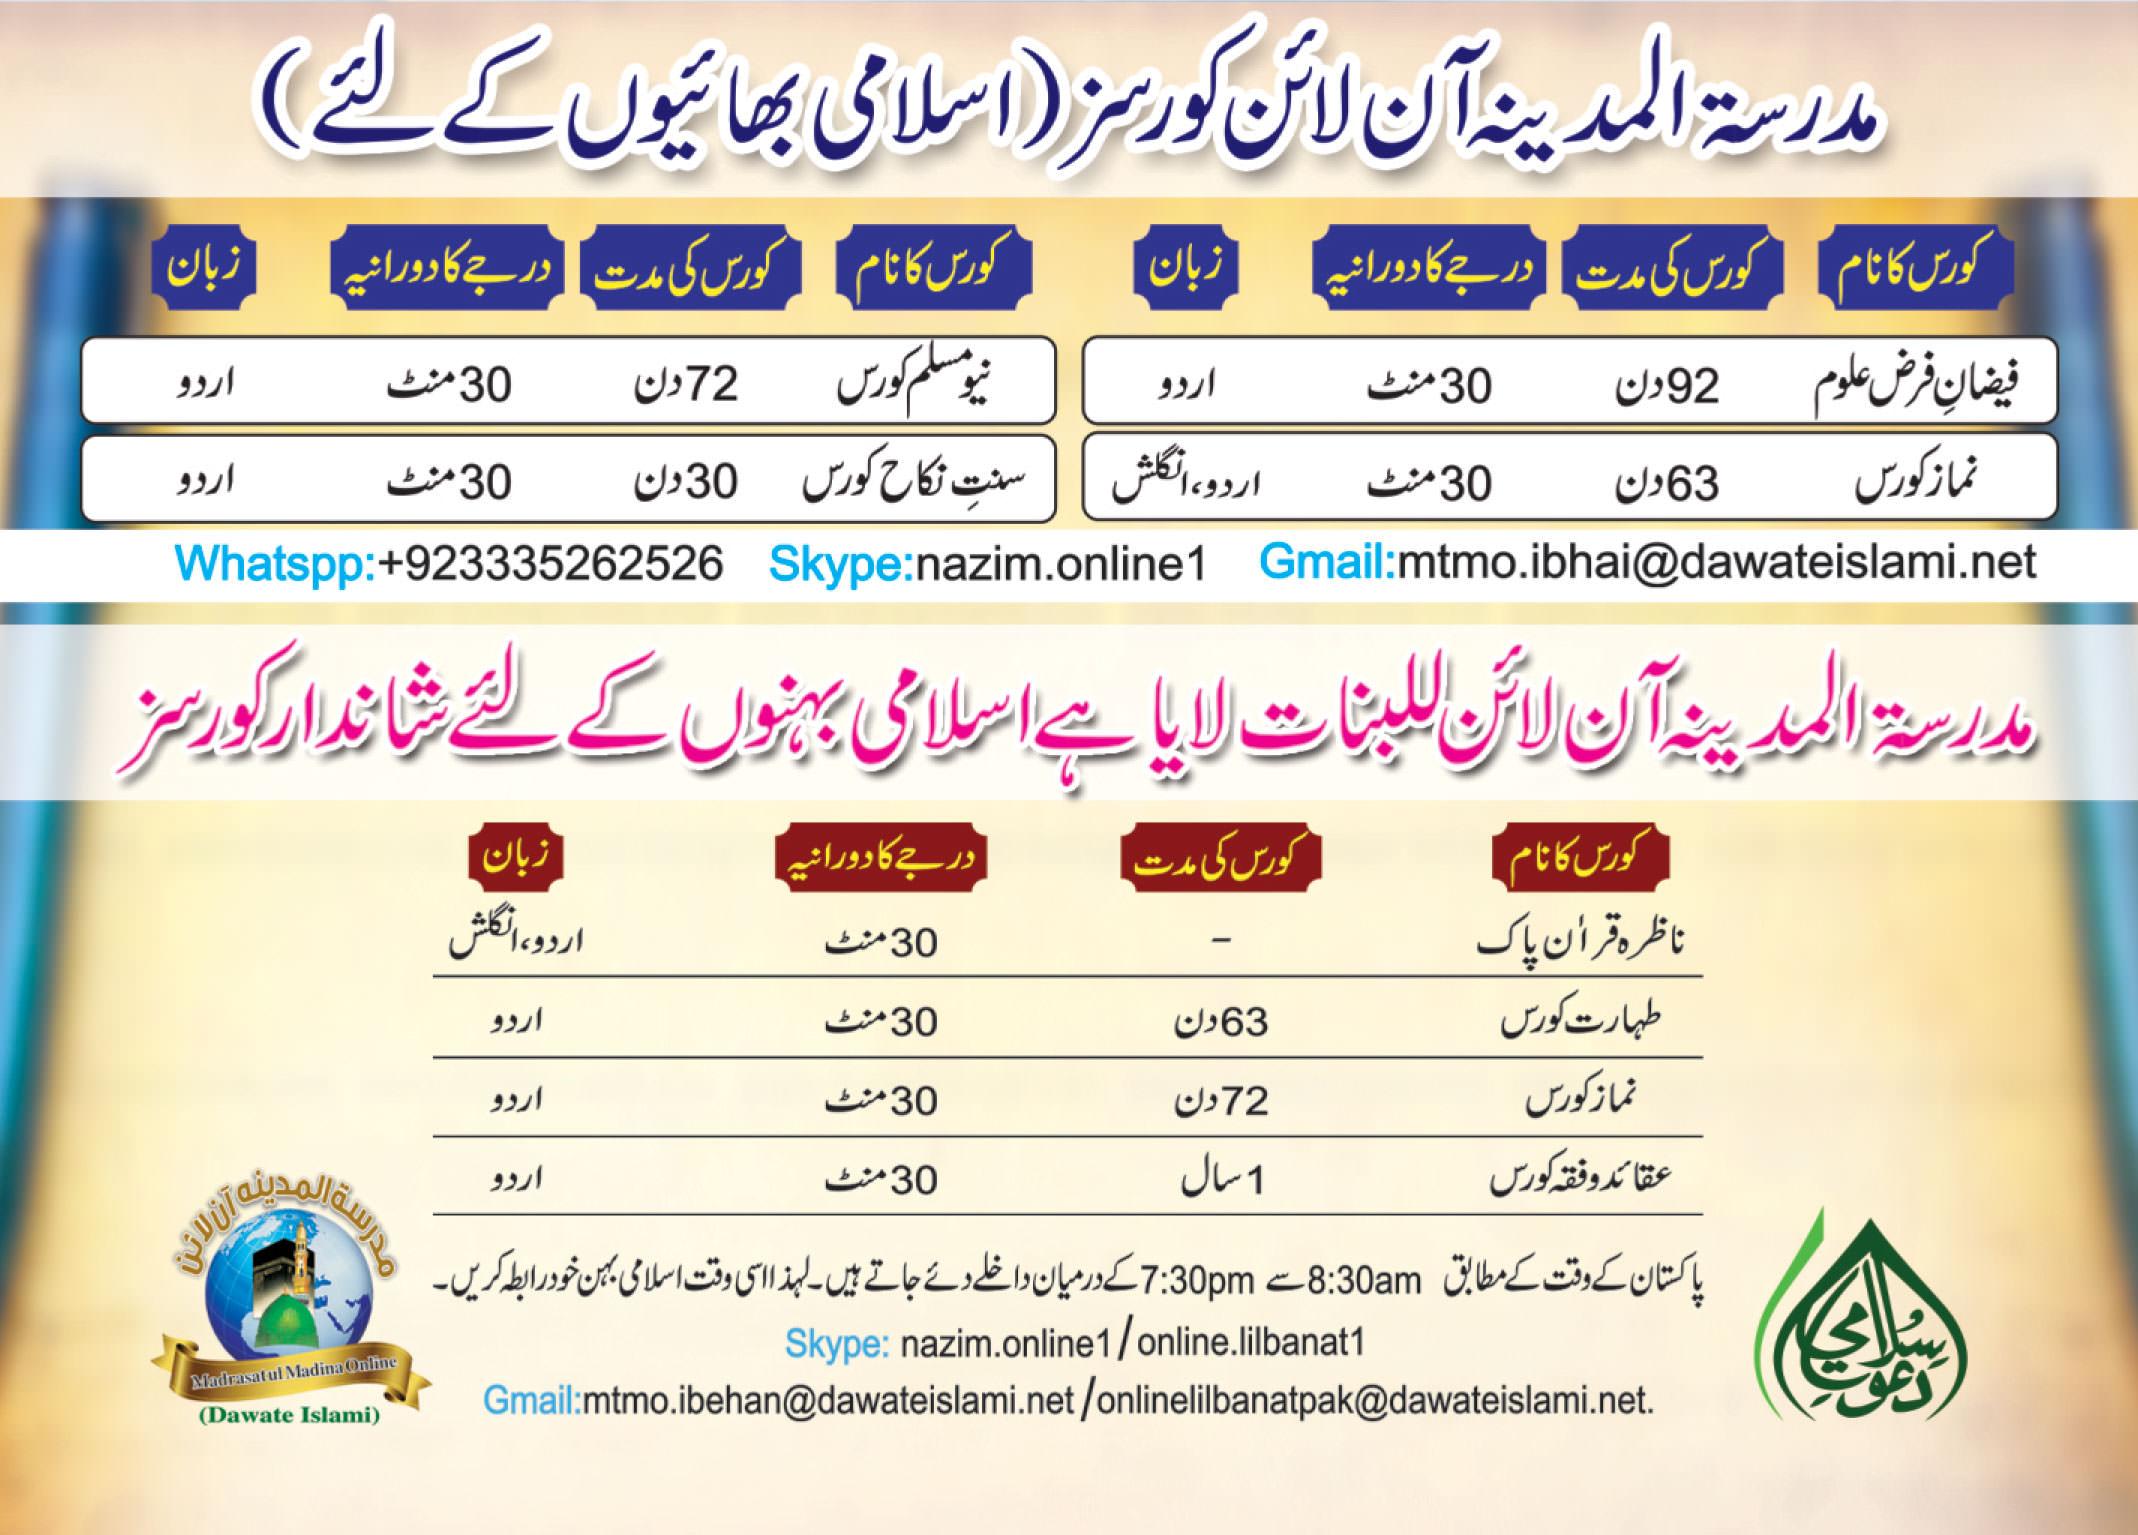 مدرسۃ المدینہ آن لائن کورسز (اسلامی بھائیوں کے لئے)/ مدرسۃ المدینہ آن لائن للبنات لایا ہے اسلامی بہنوں کے لئے شاندار کورسز